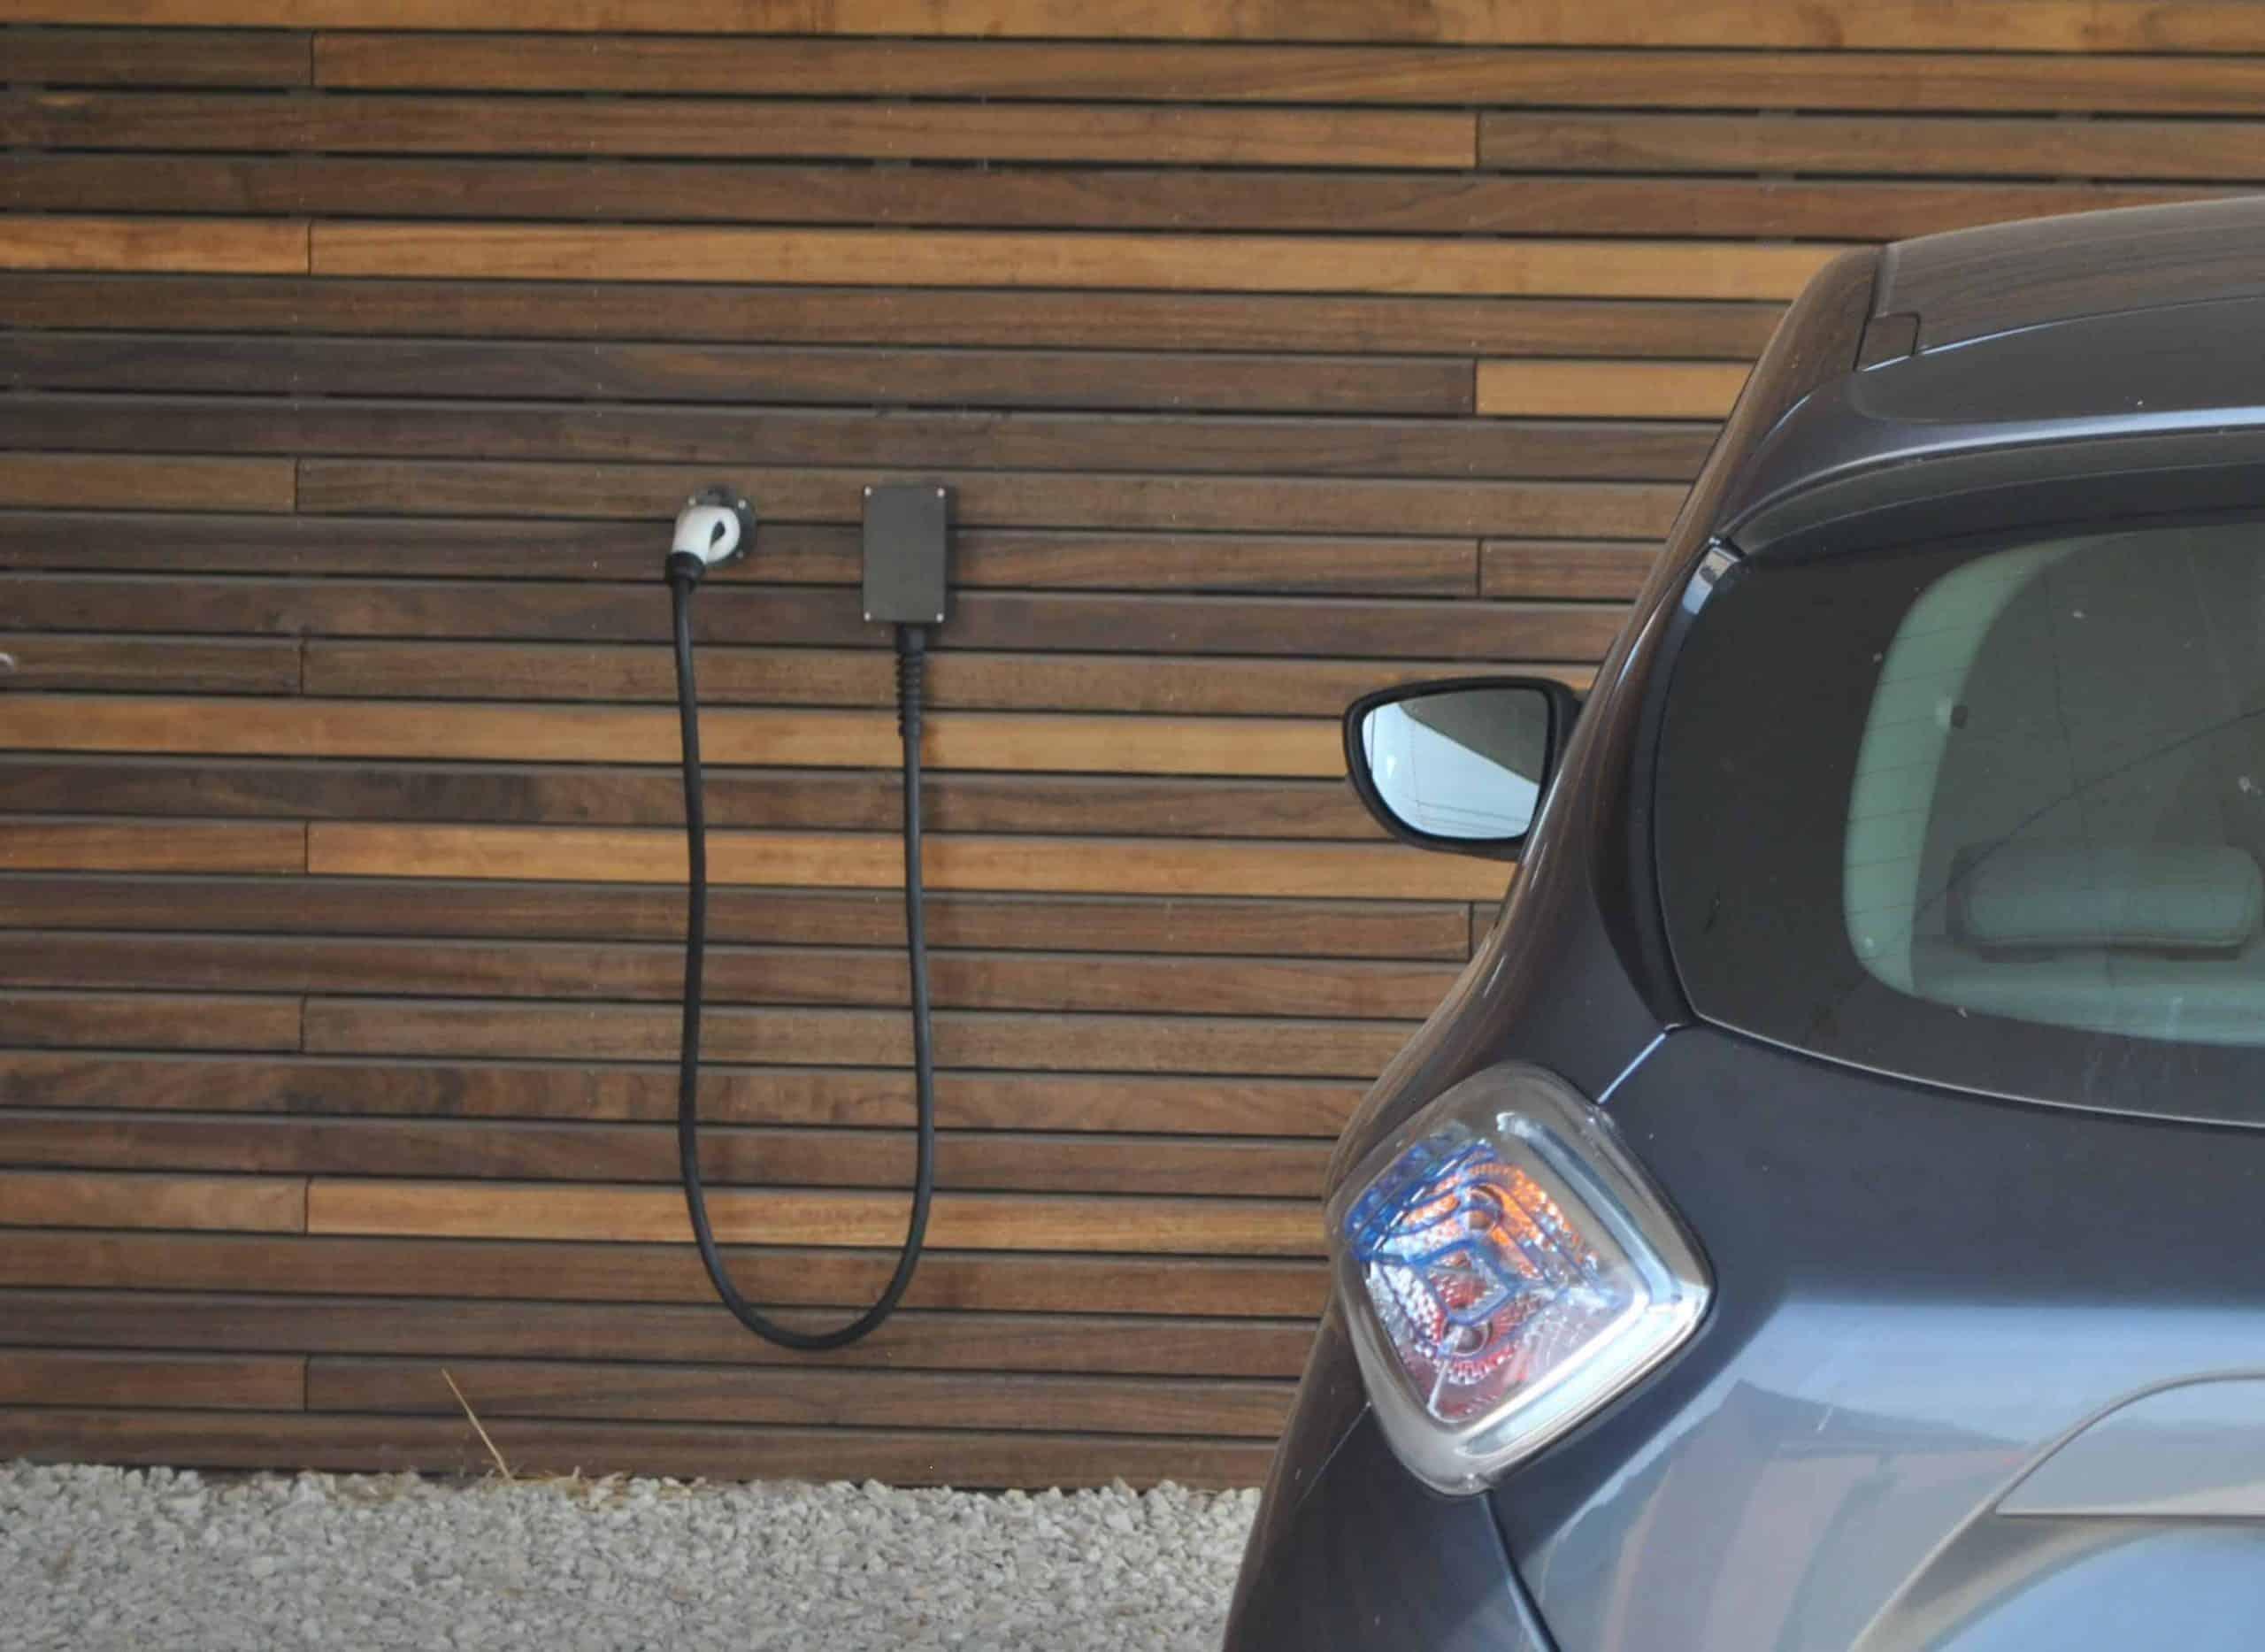 Comment choisir une borne de recharge électrique ? 6 points pour tout savoir